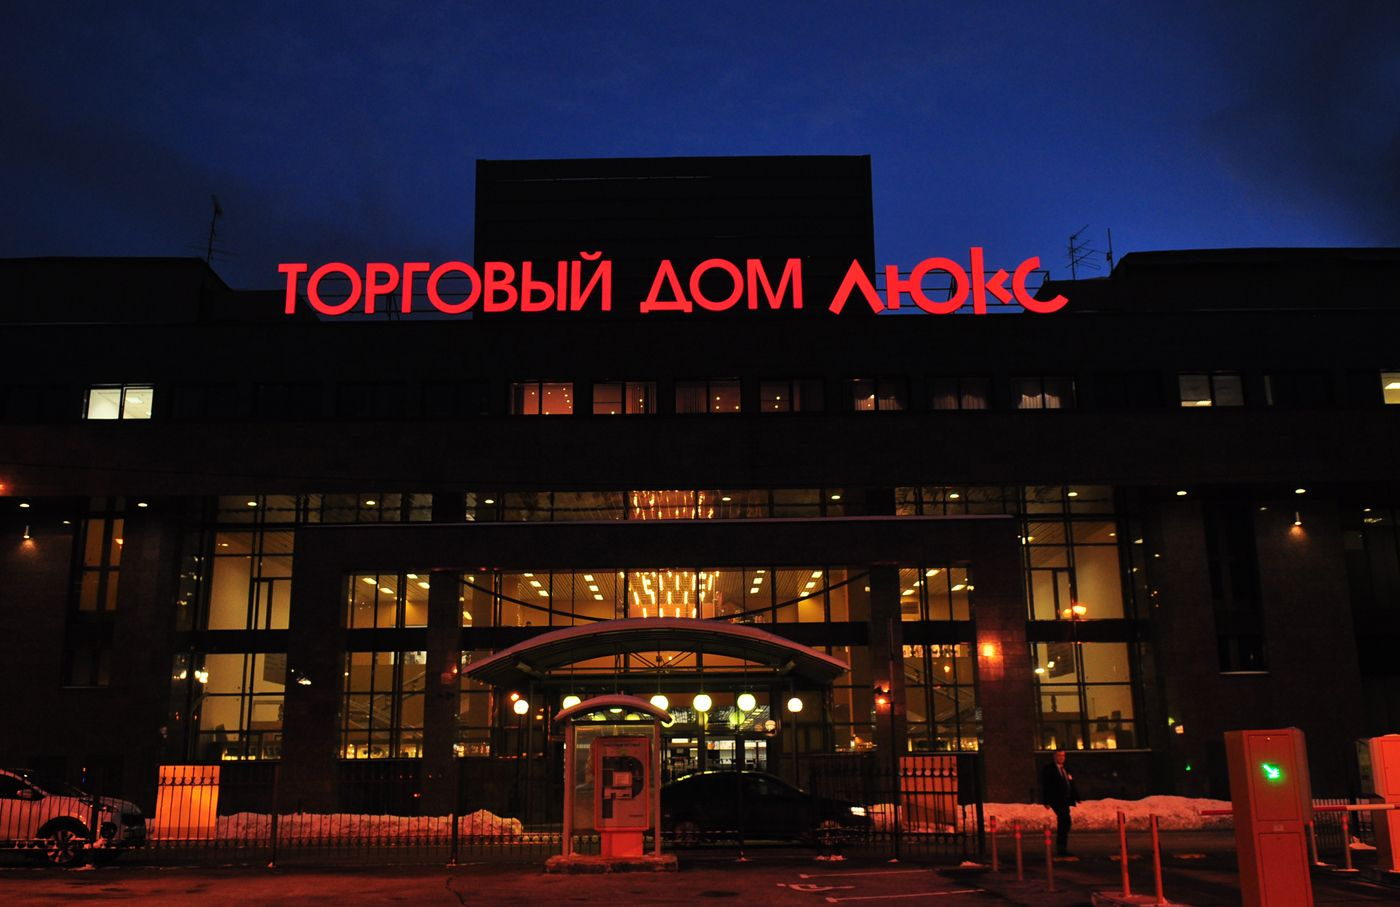 Объемные буквы с лицевой подсветкой на крыше здания